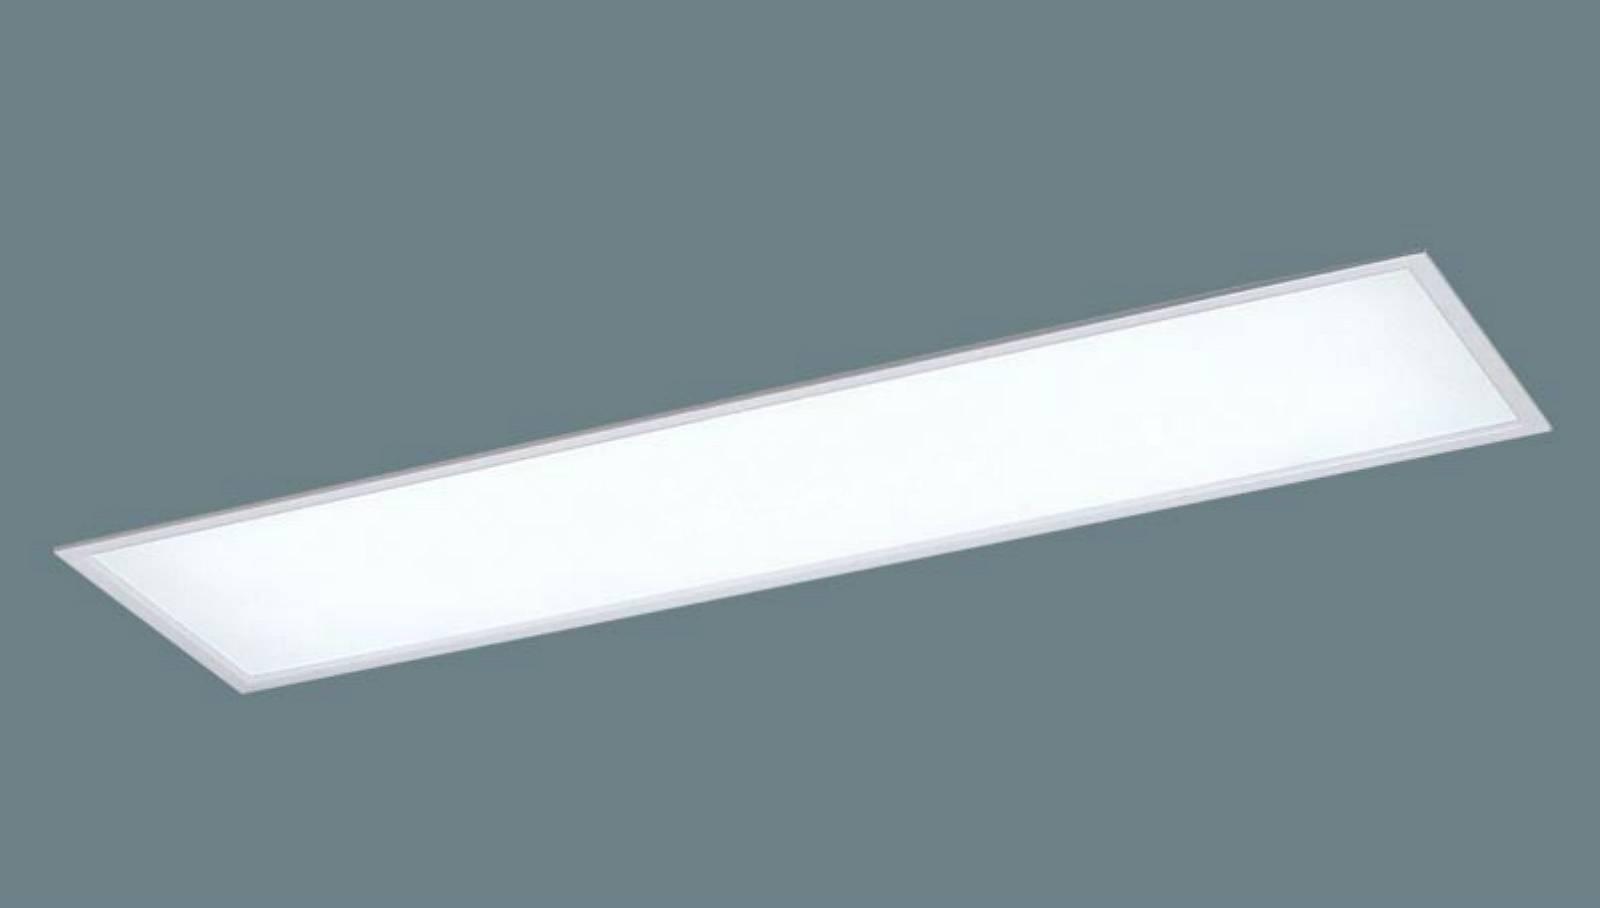 N区分 パナソニック LGB52063LE1 キッチンライト 【SB形】 自動点灯無し 畳数設定無し LED【setsuden_led】